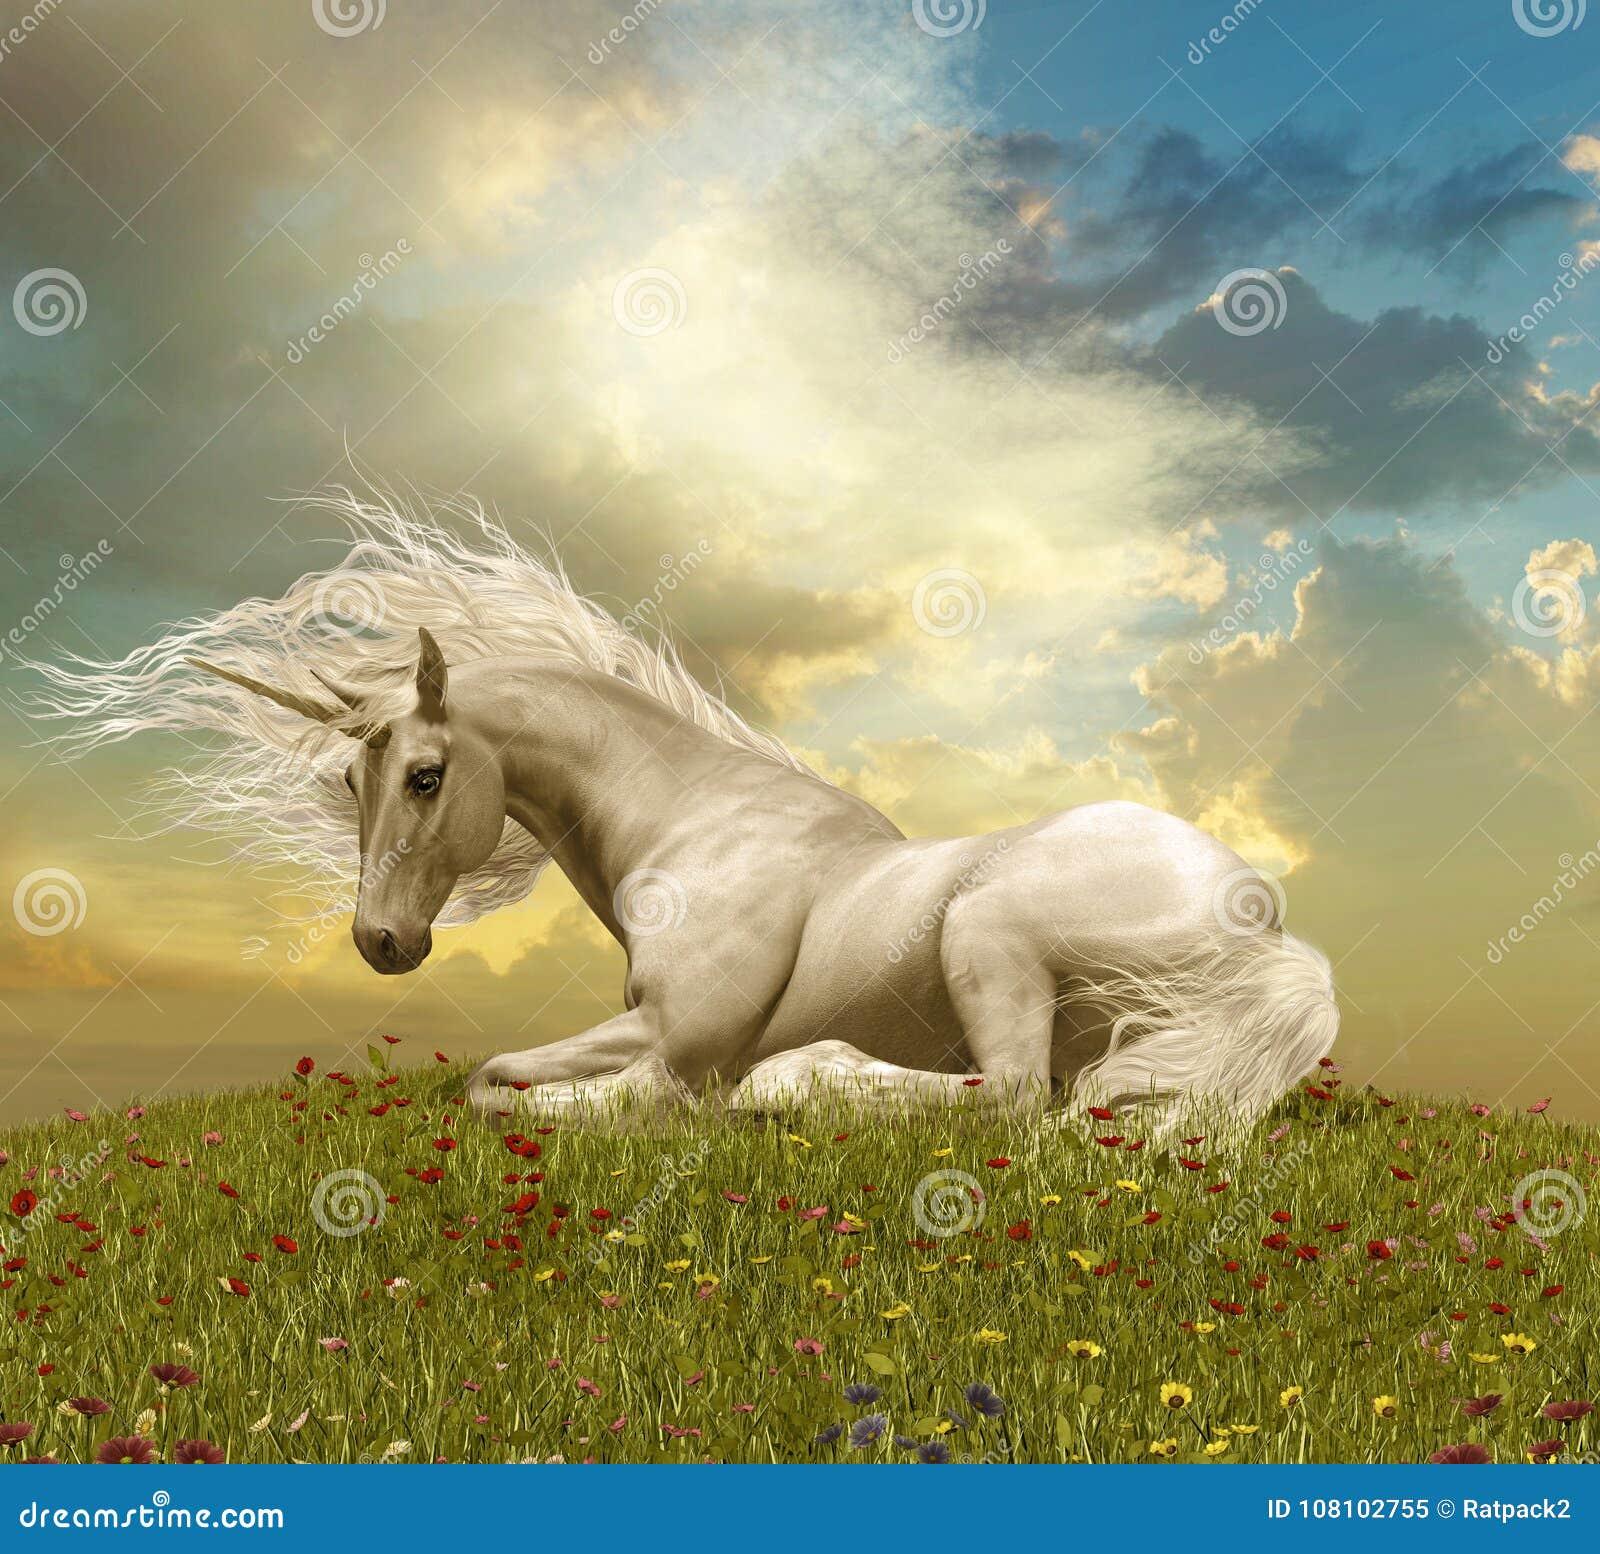 Unicorn Resting During blanc enchanteur un coucher du soleil